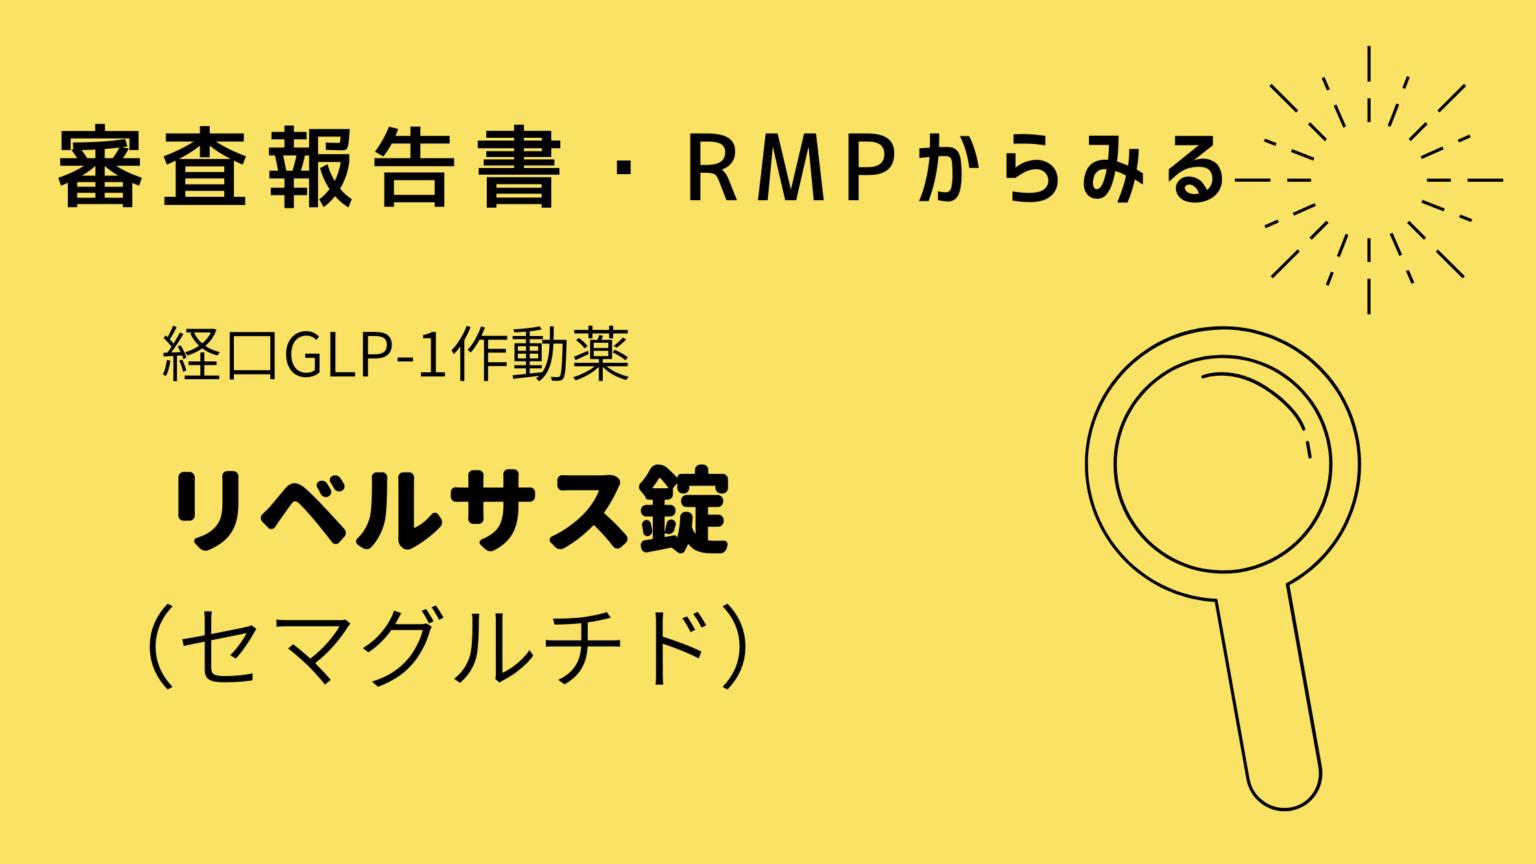 審査報告書・RMPからみるリベルサス錠